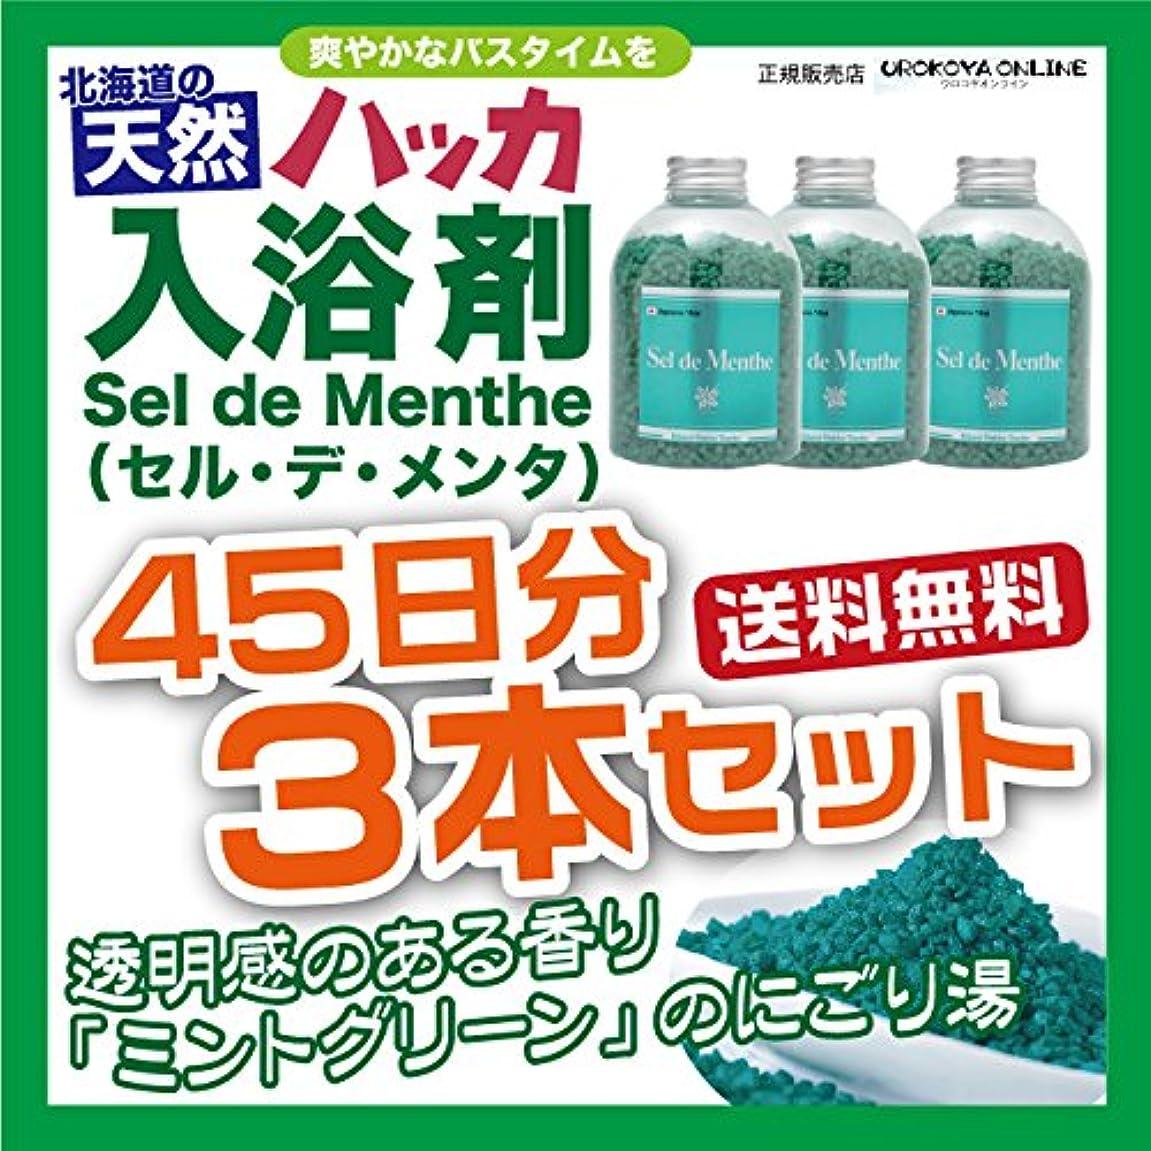 メイン嫌悪定刻【3本セット】北見ハッカ通商 入浴剤Sel de Menthe(セル?デ?メンタ)徳用ボトル 3本セット 1350g